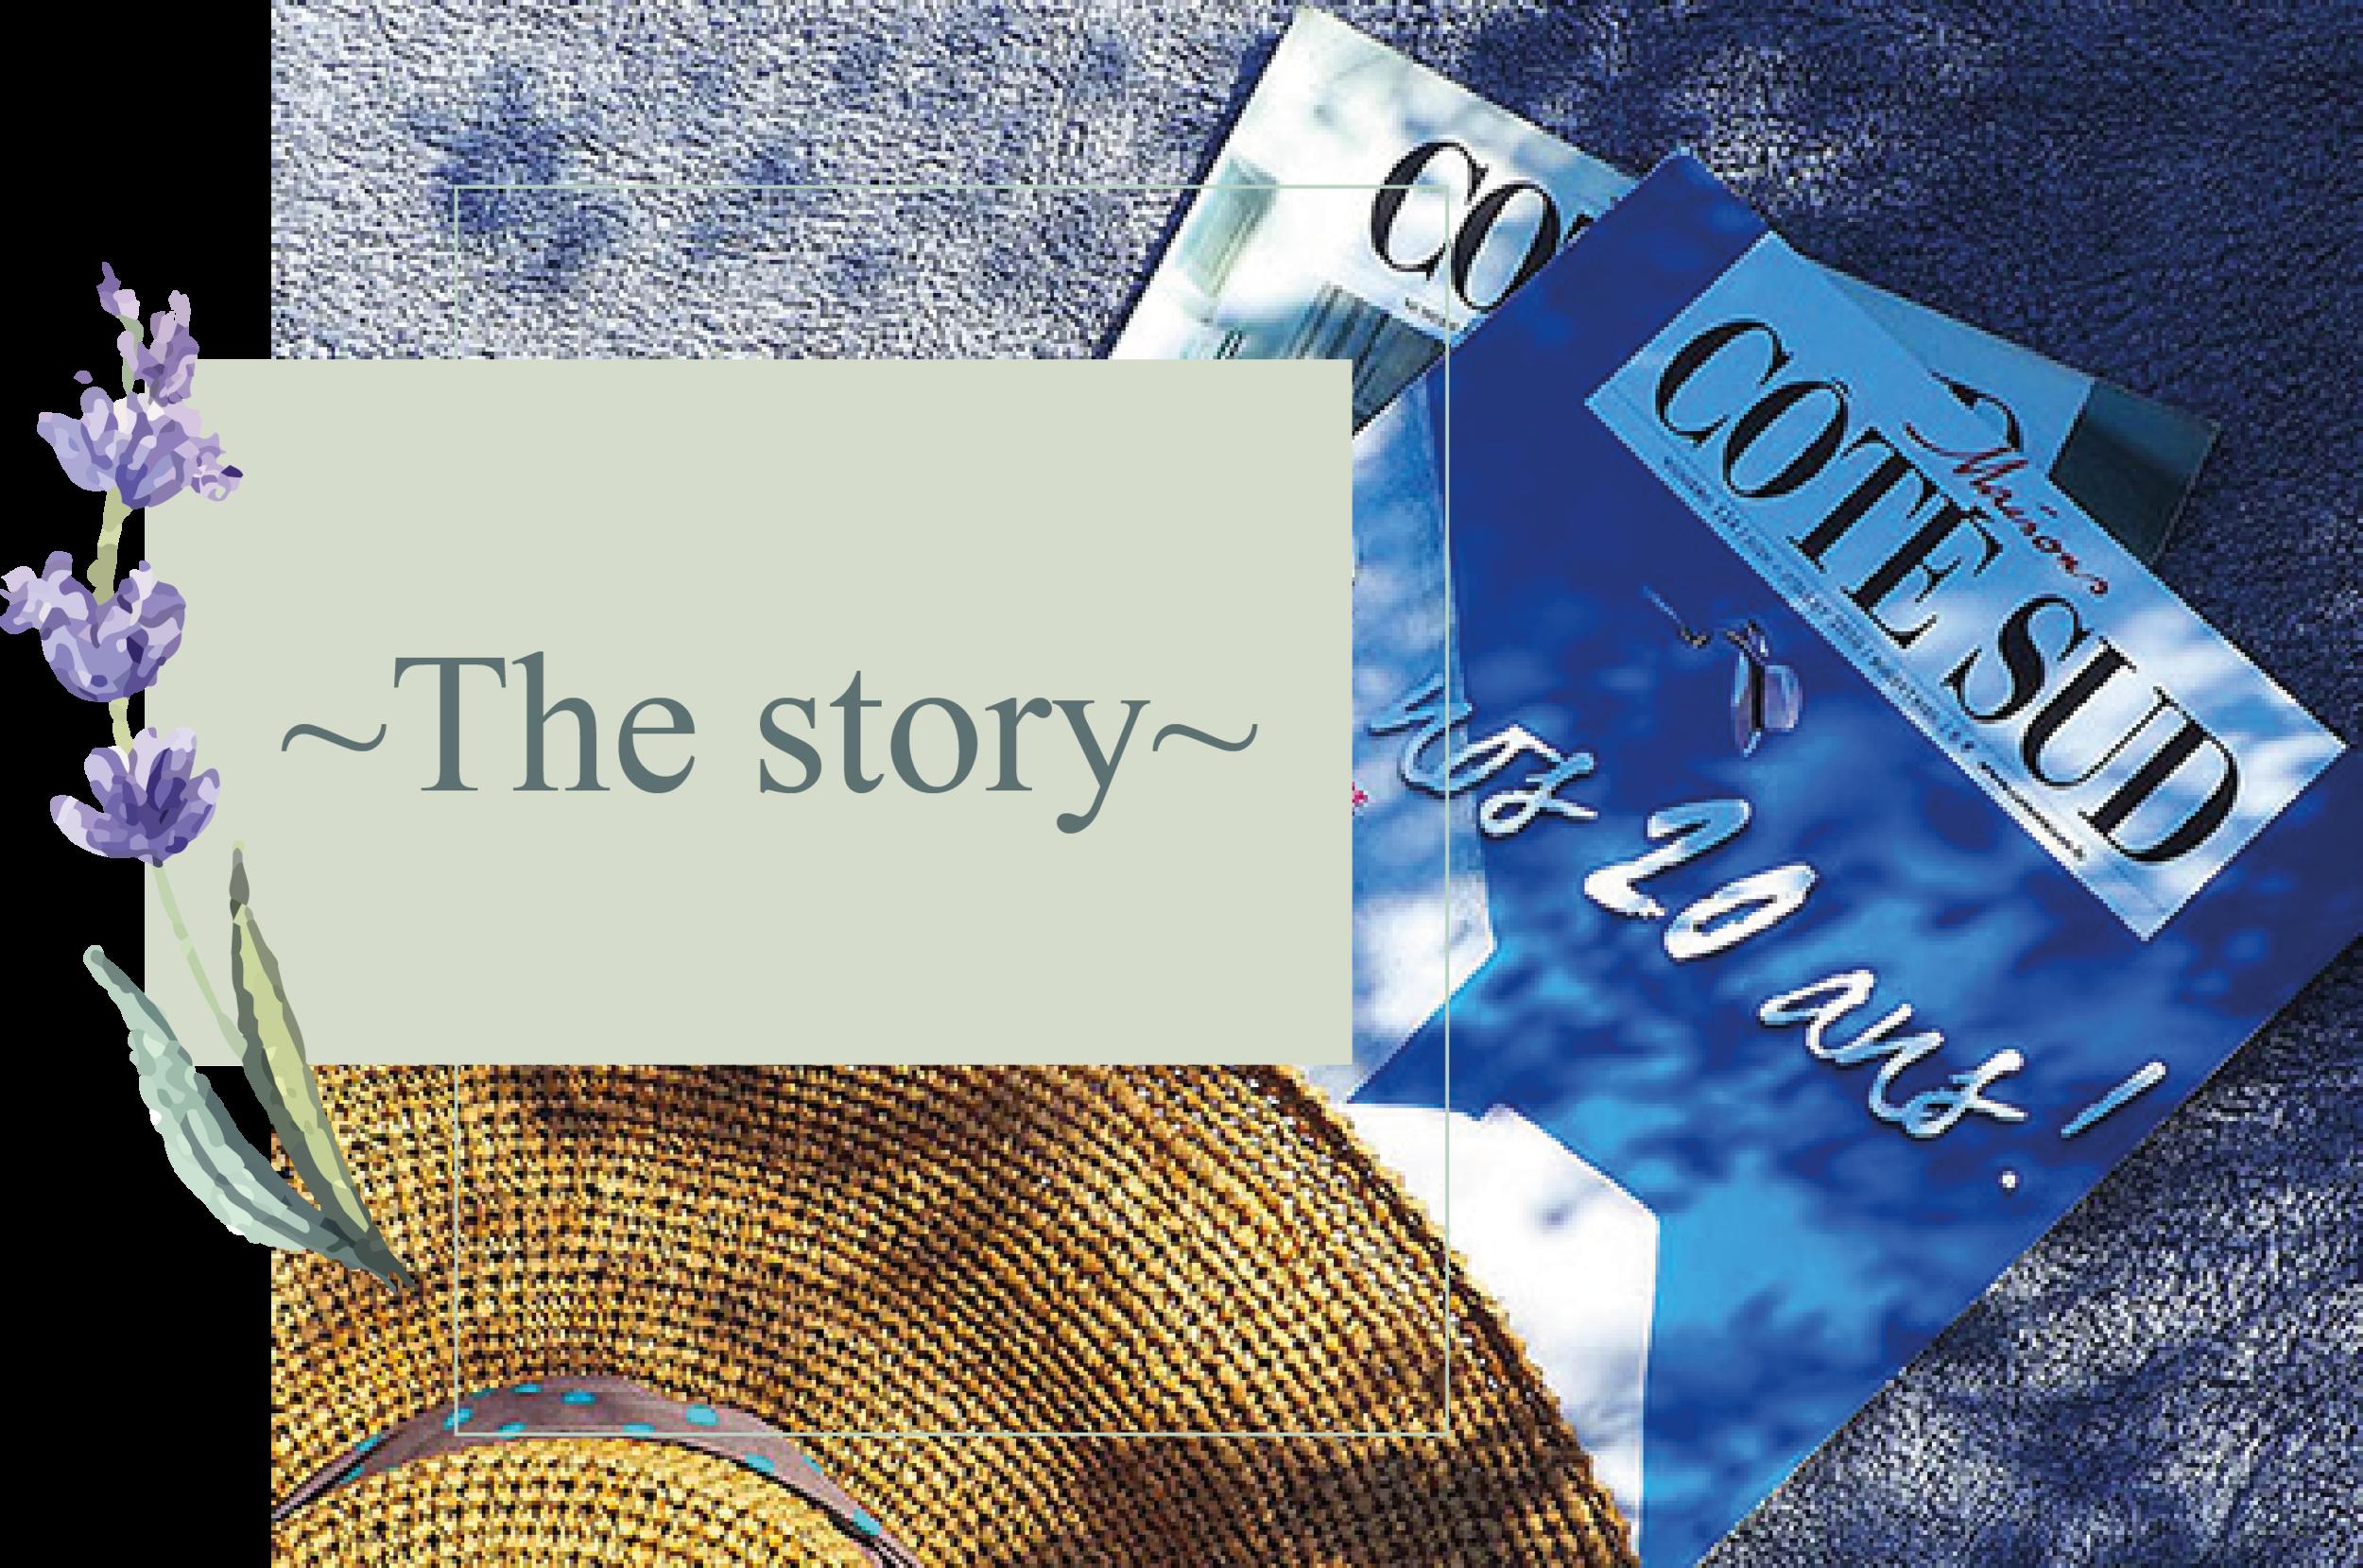 The Story of Le Coin de Manon